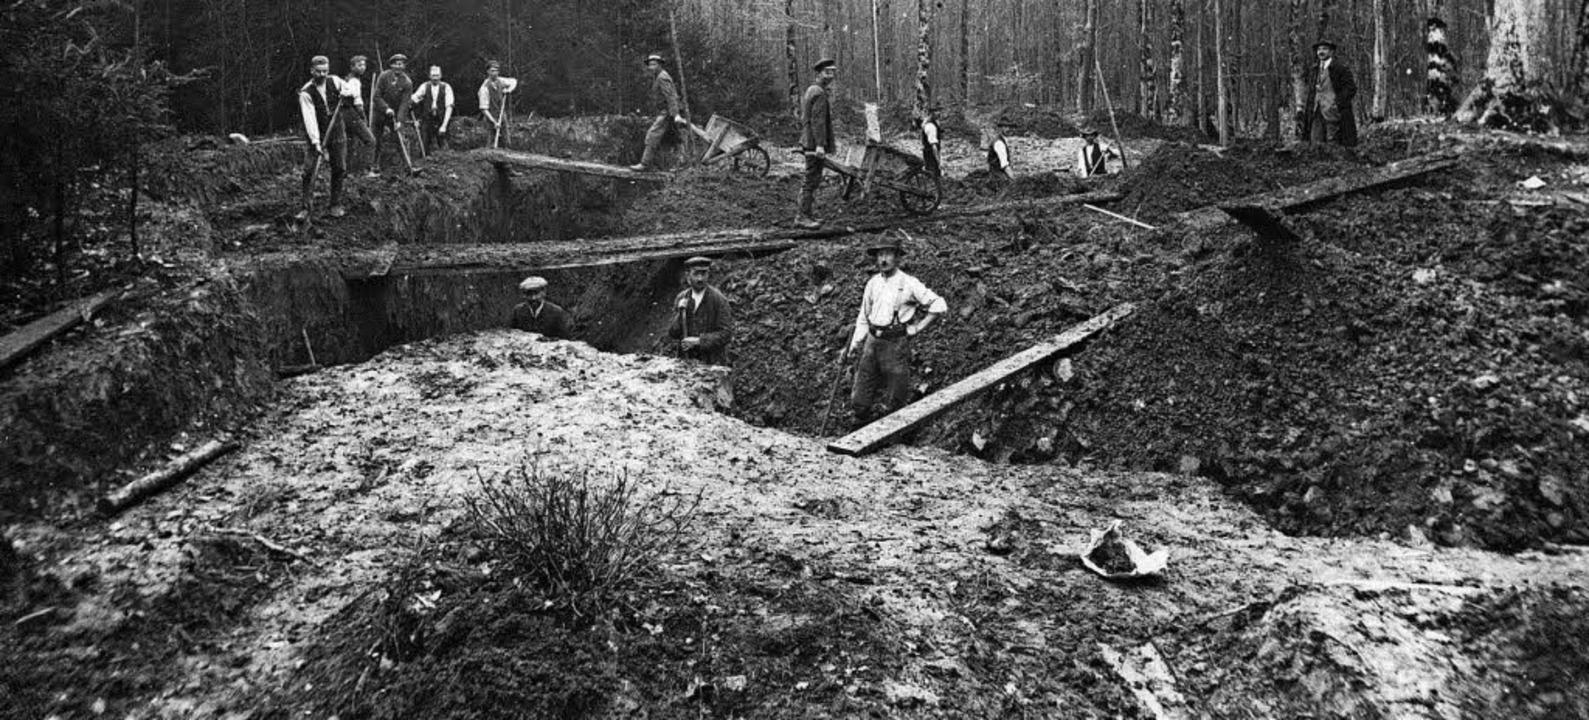 Grabhügeluntersuchung 1924 in Wintersweiler   | Foto: Badisches Landesmuseum